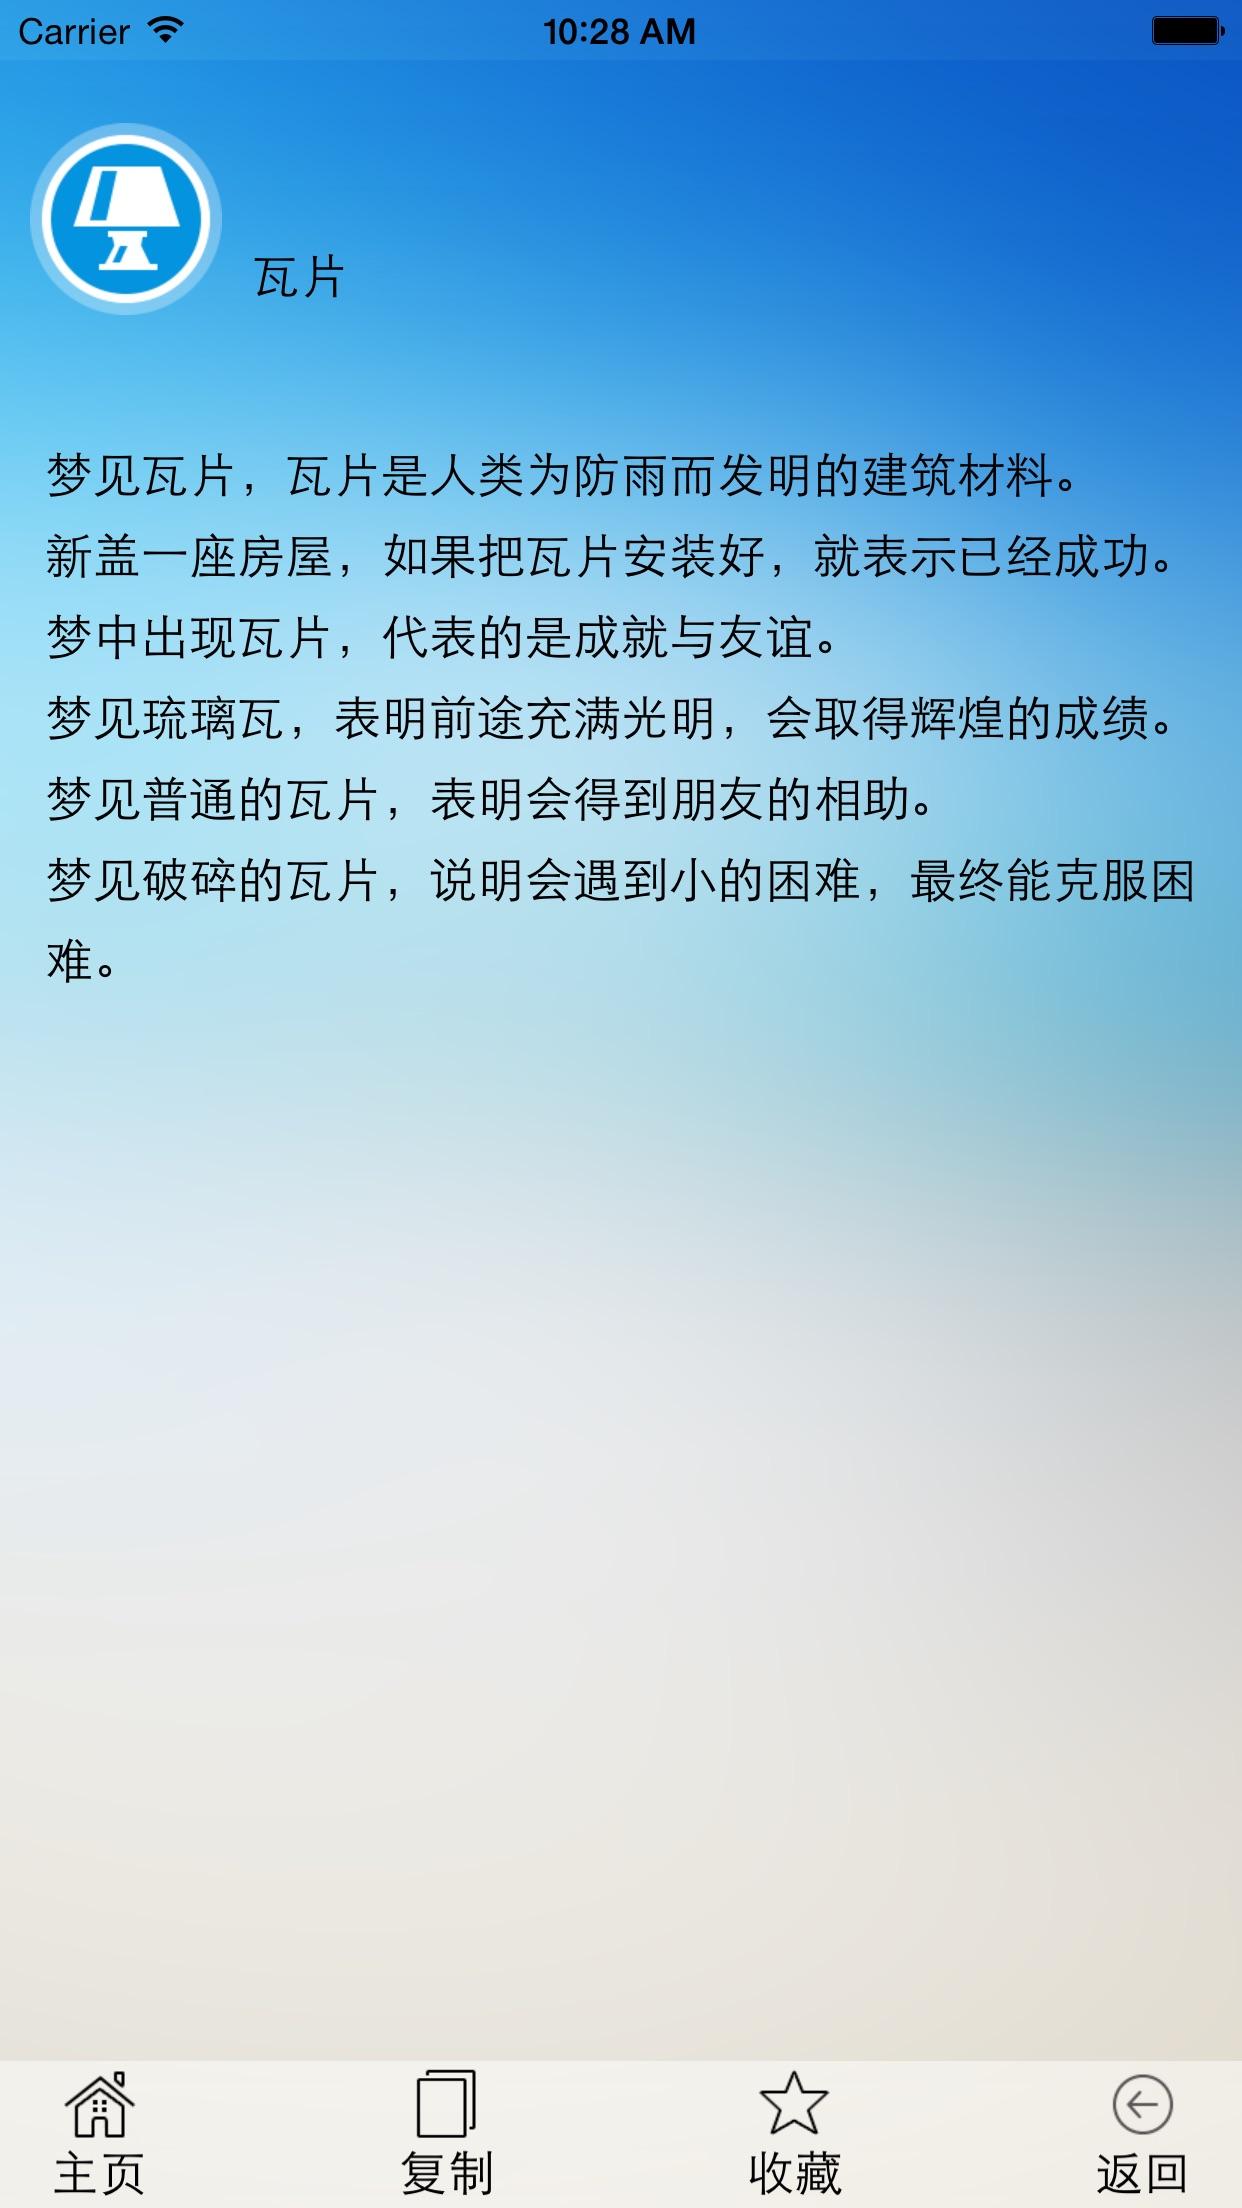 周公解梦-完整版 Screenshot